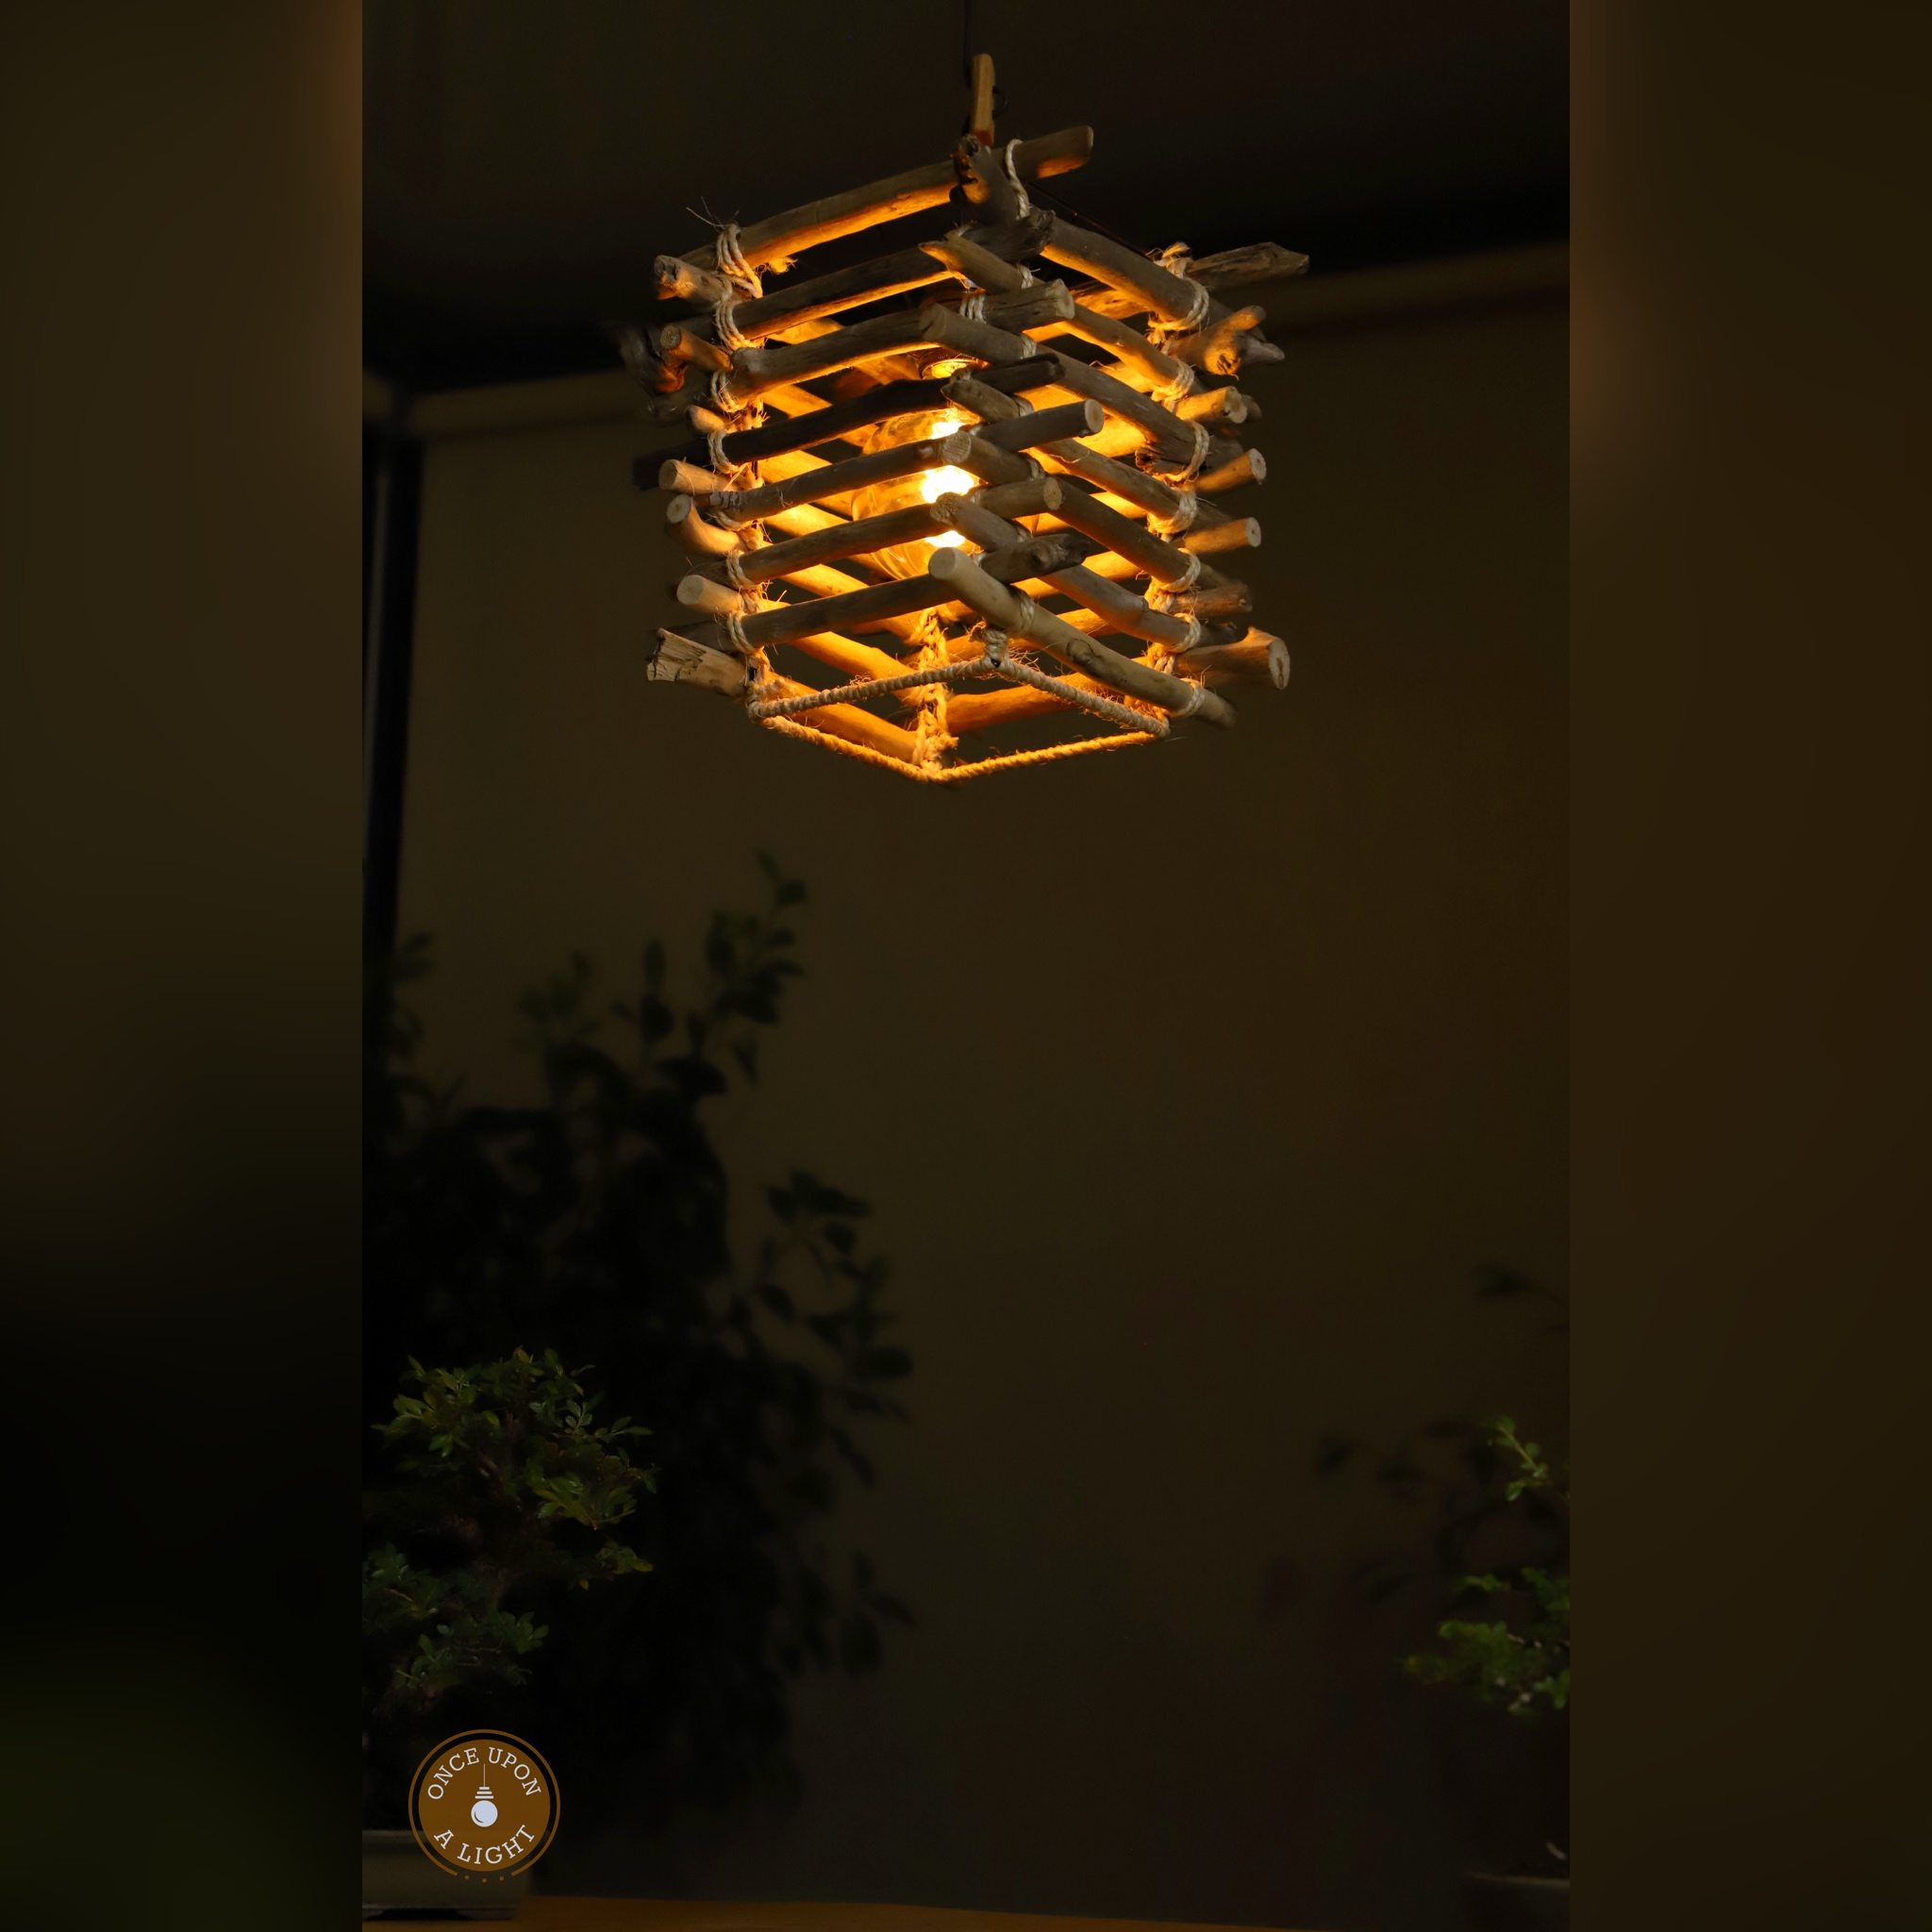 Lampe led suspension en bois flotté